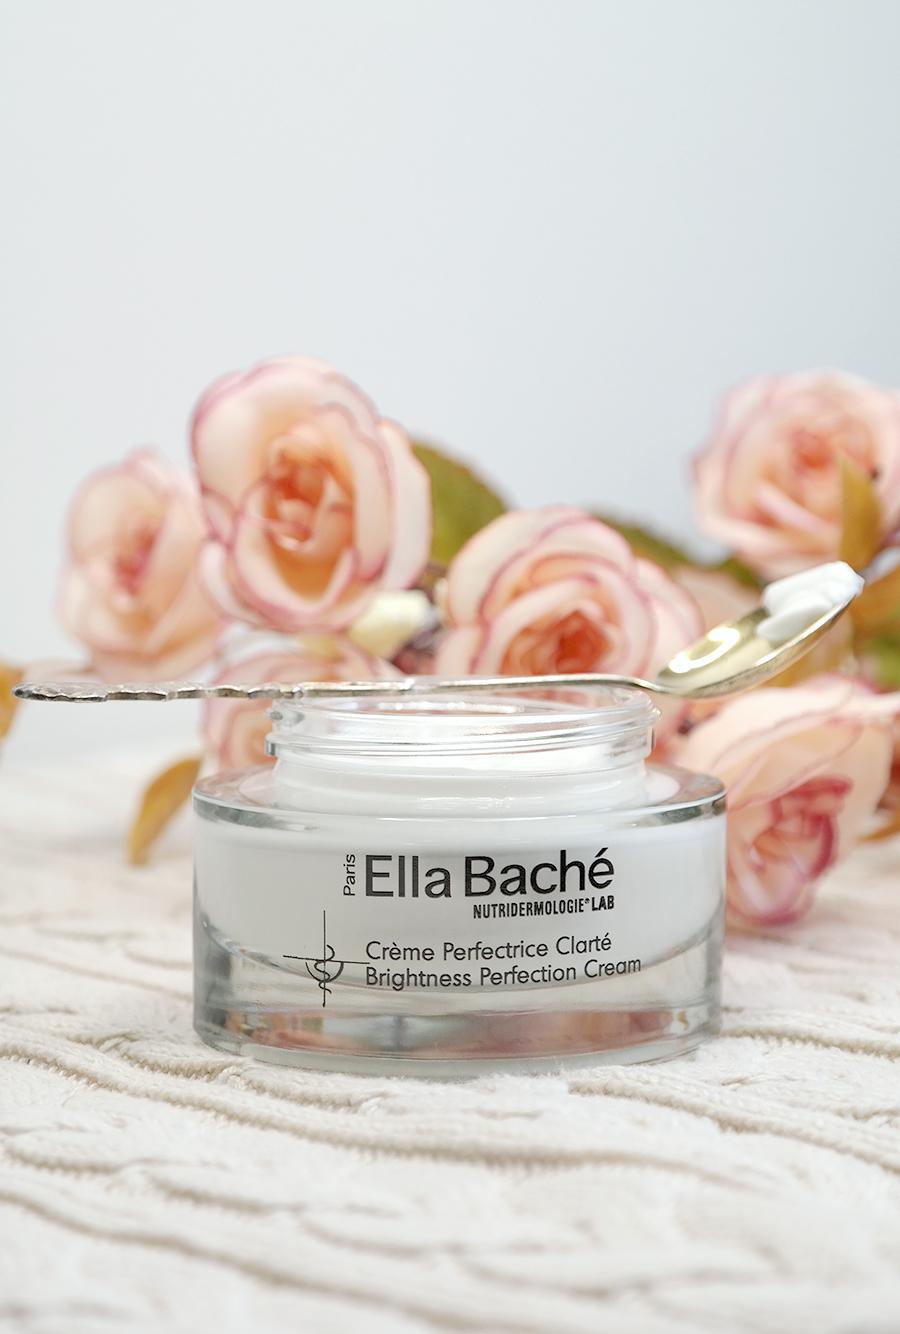 Ella Baché Crème Nuit Magistrale Blanc de Teint 15,3%